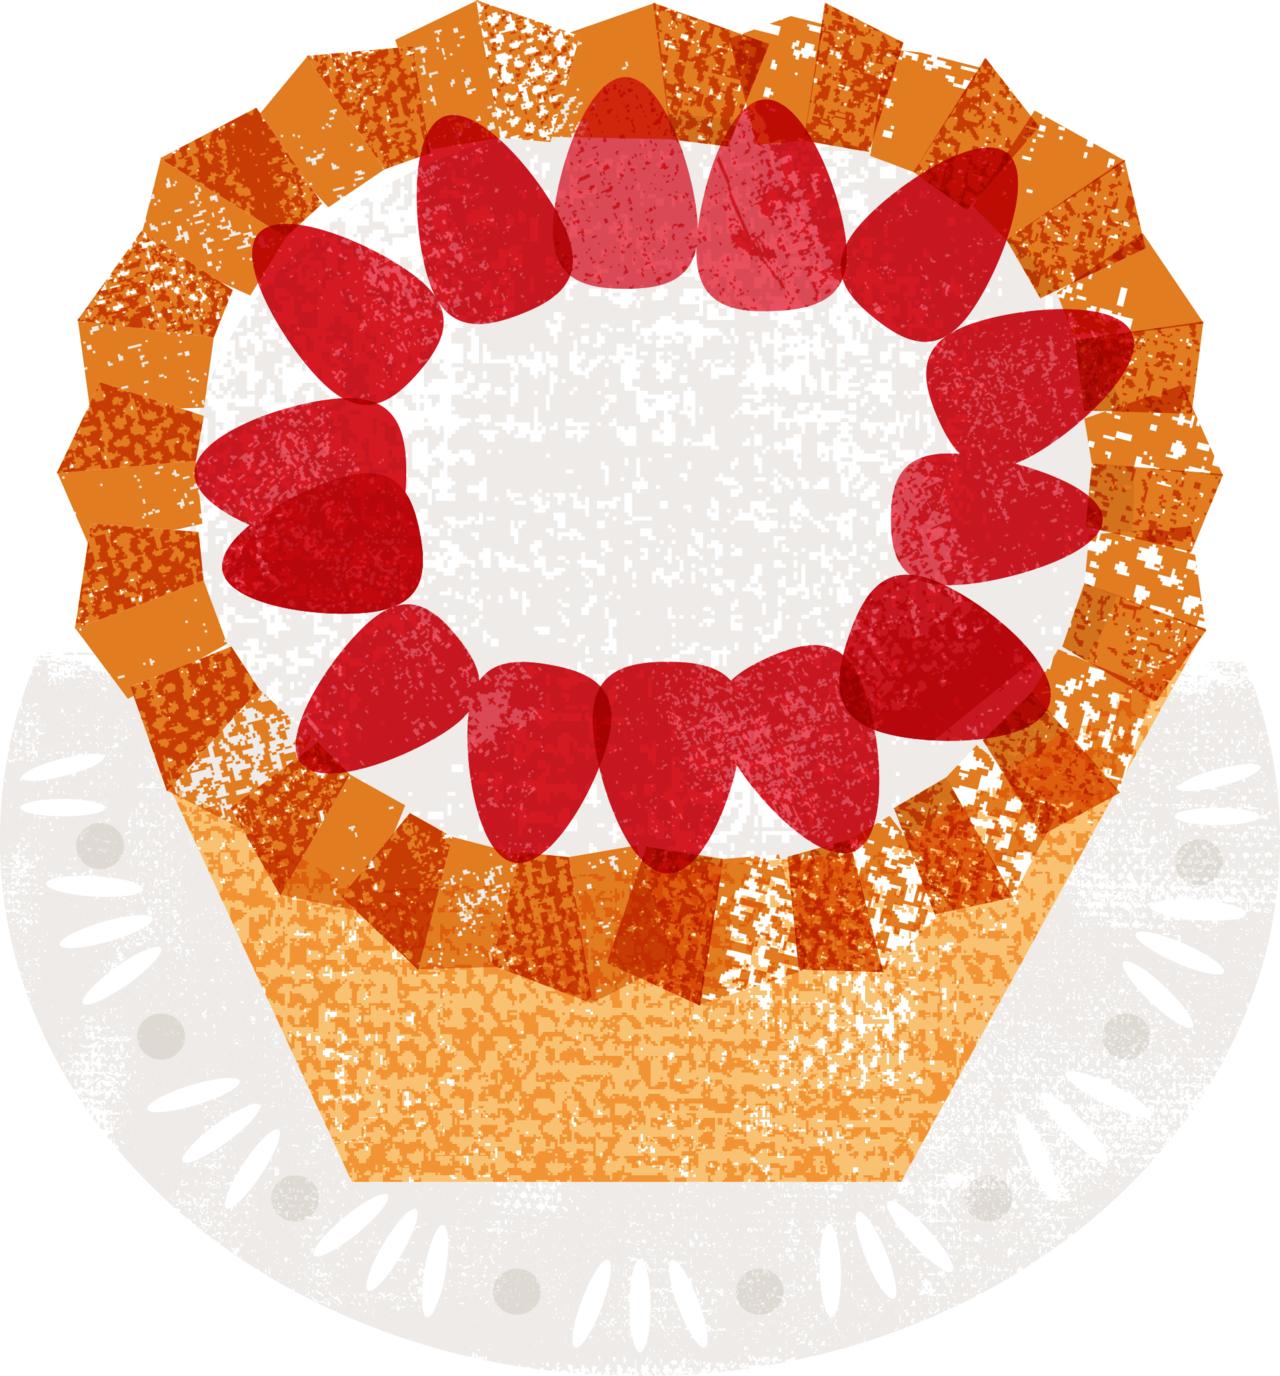 優格生乳酪蛋糕 繪圖/杜玉佩